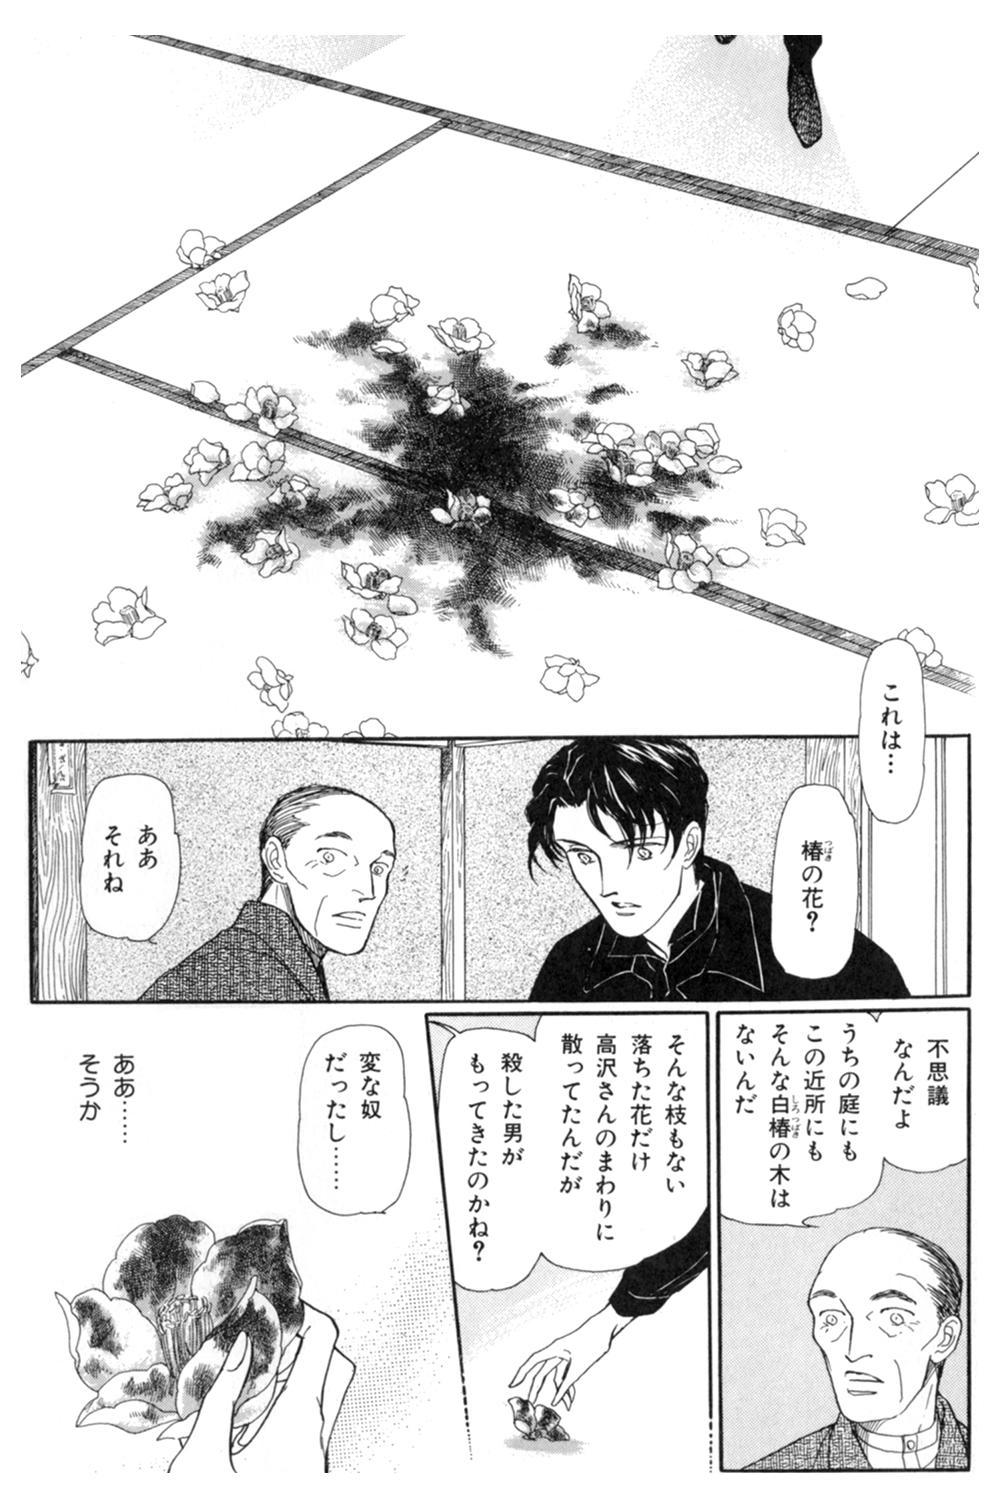 雨柳堂夢咄 第1話「花椿の恋」②uryu21.jpg